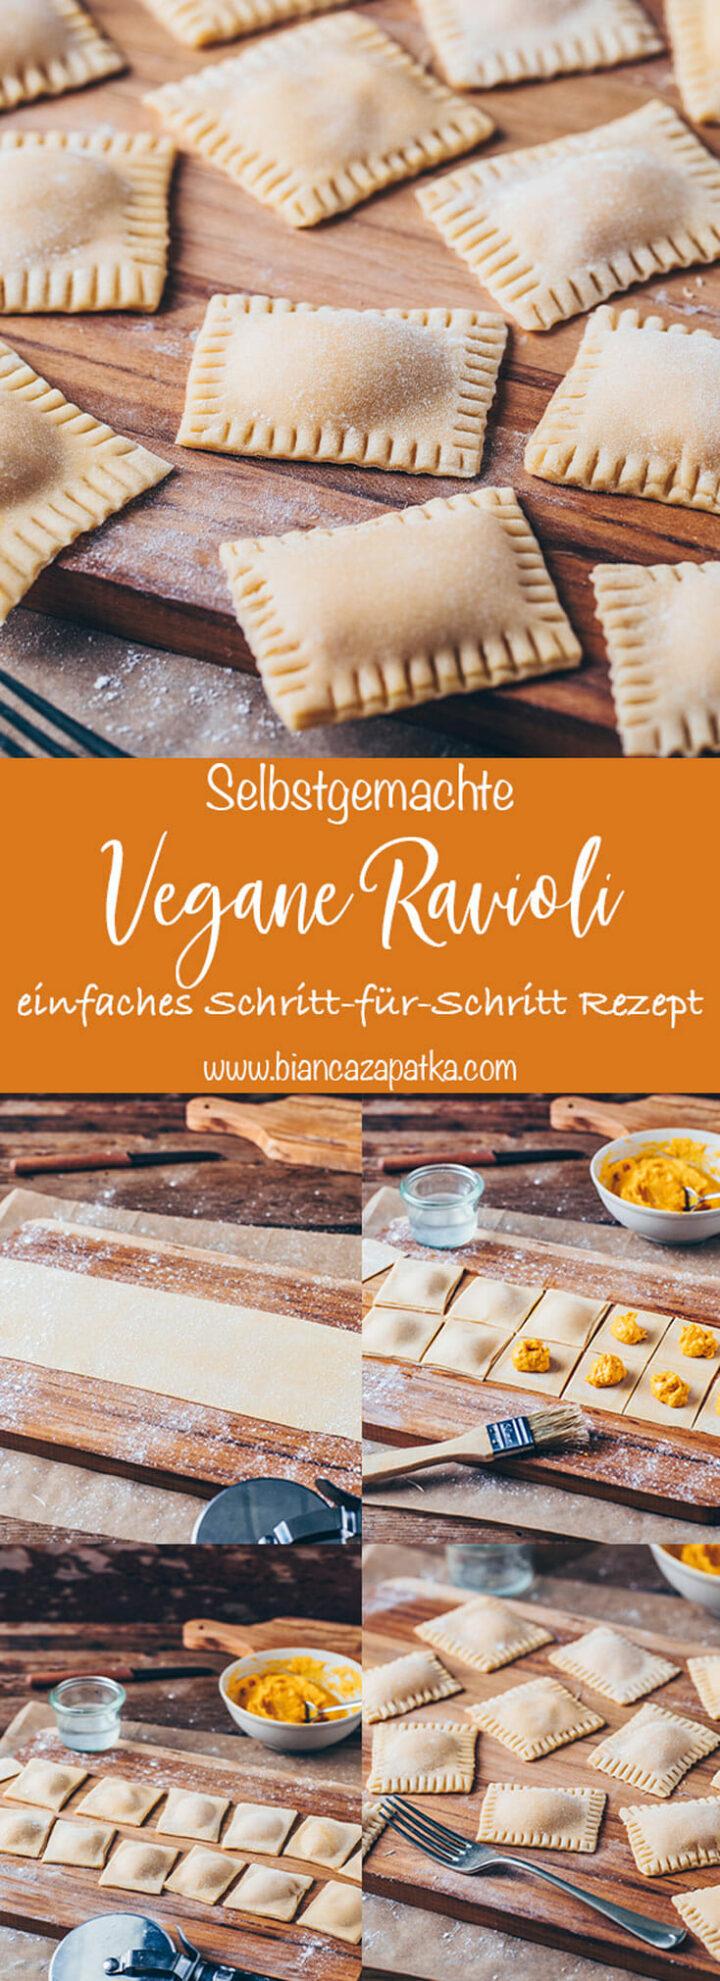 Ravioli selber machen (Nudeln, Pasta Teigtaschen) Rezept